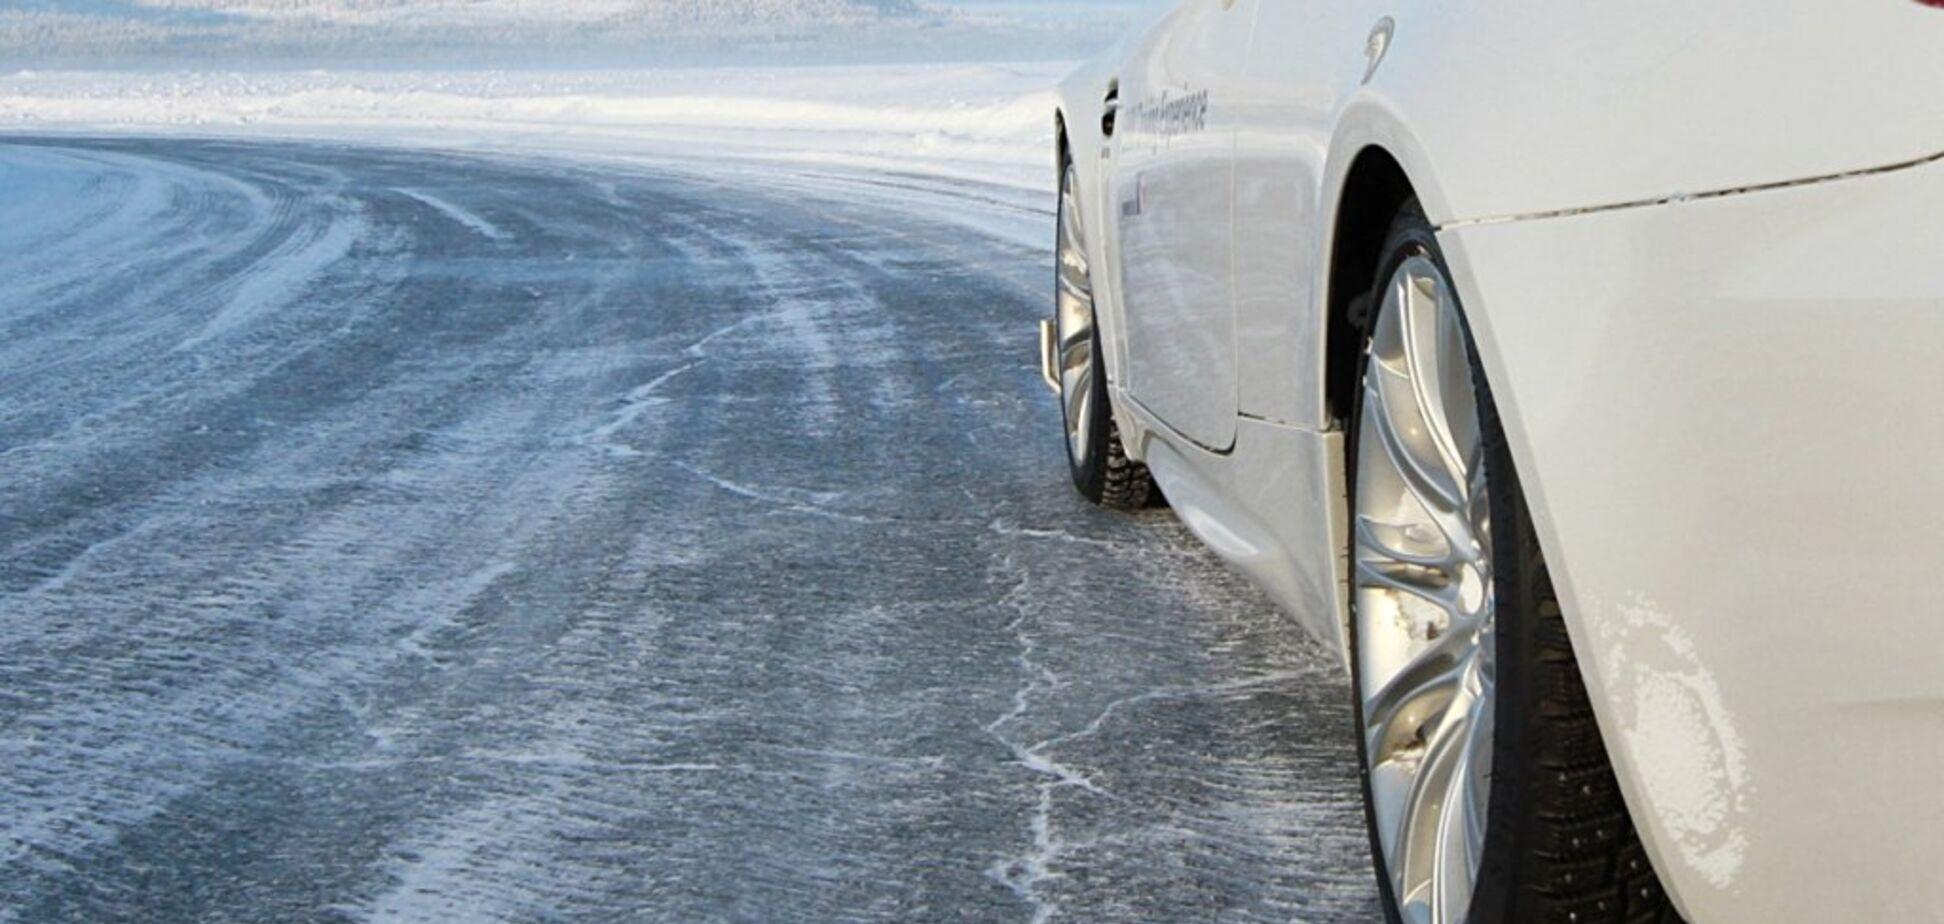 Осторожно, гололед: топ-5 правил езды на скользкой дороге